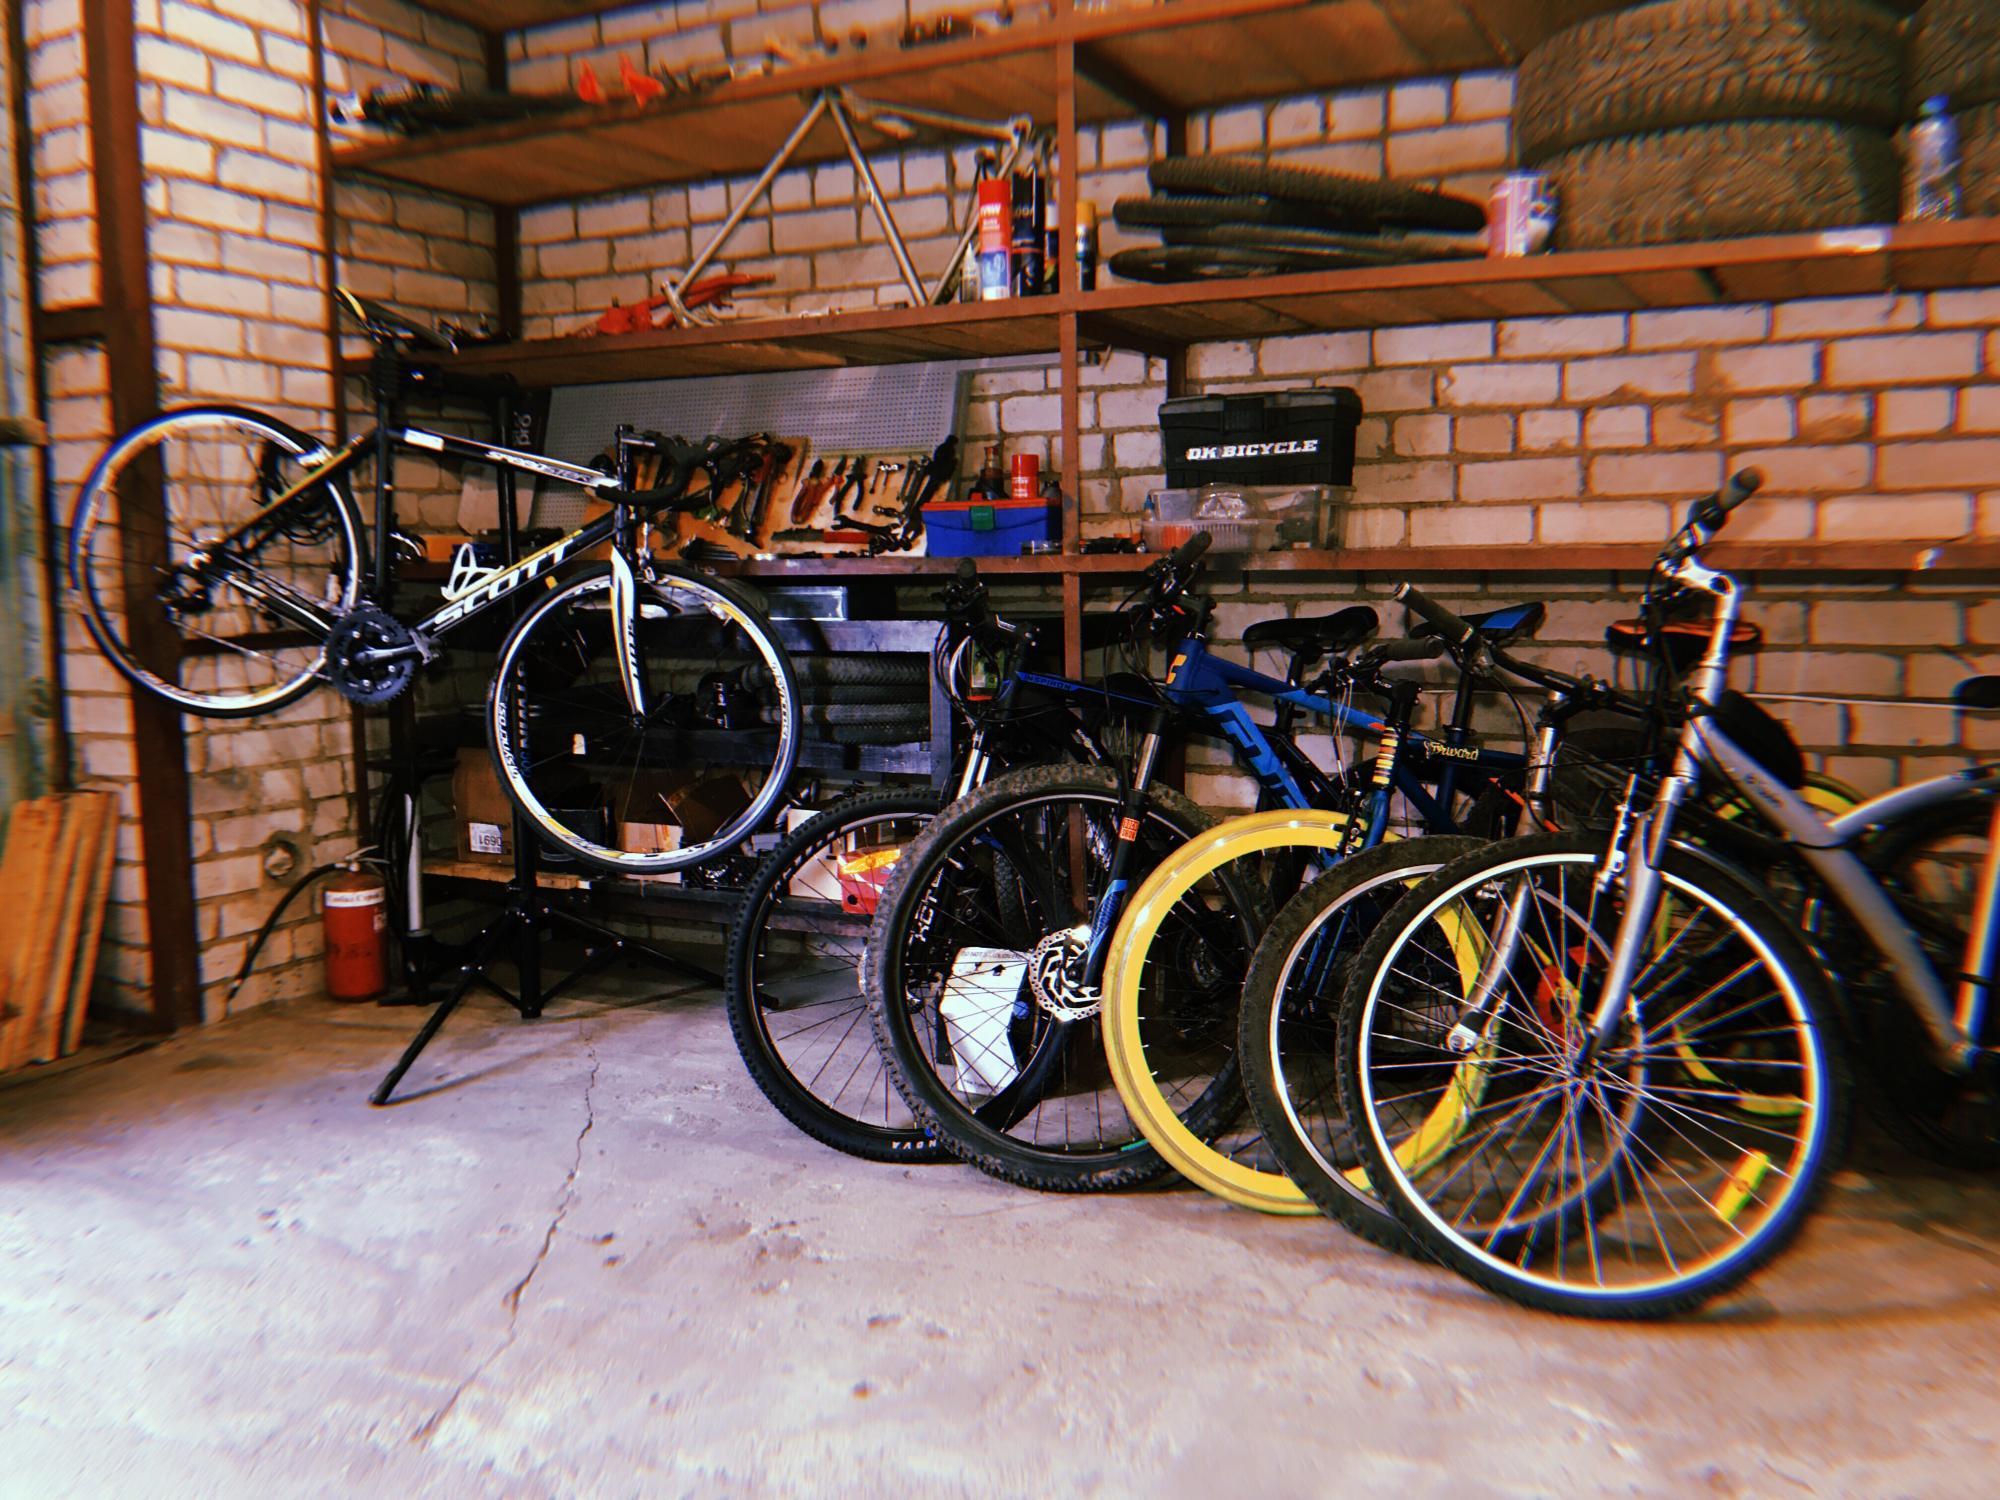 Ремонт велосипедов в Краснознаменске 89175947316 купить 2